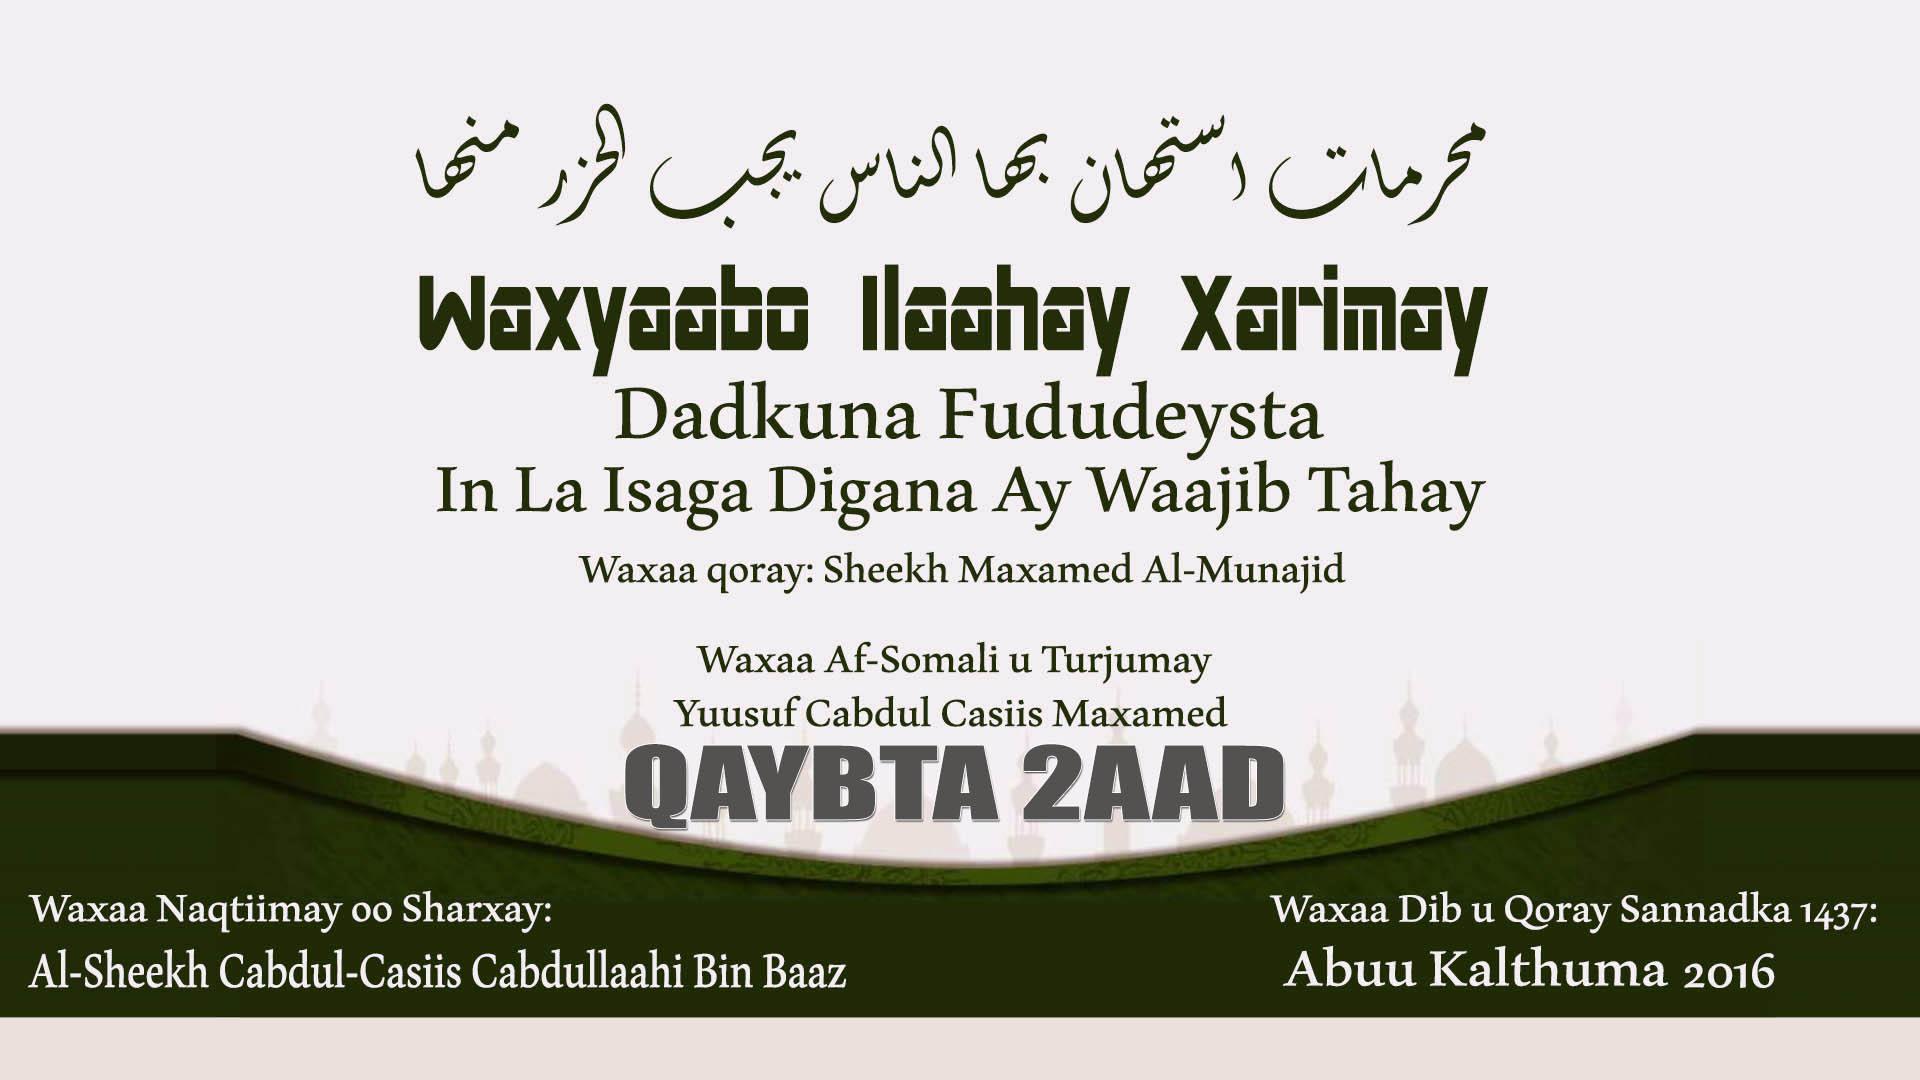 Waxyaalo Ilaahay Xarrimay Dadkuna Fududeysteen – Qaybta 2aad